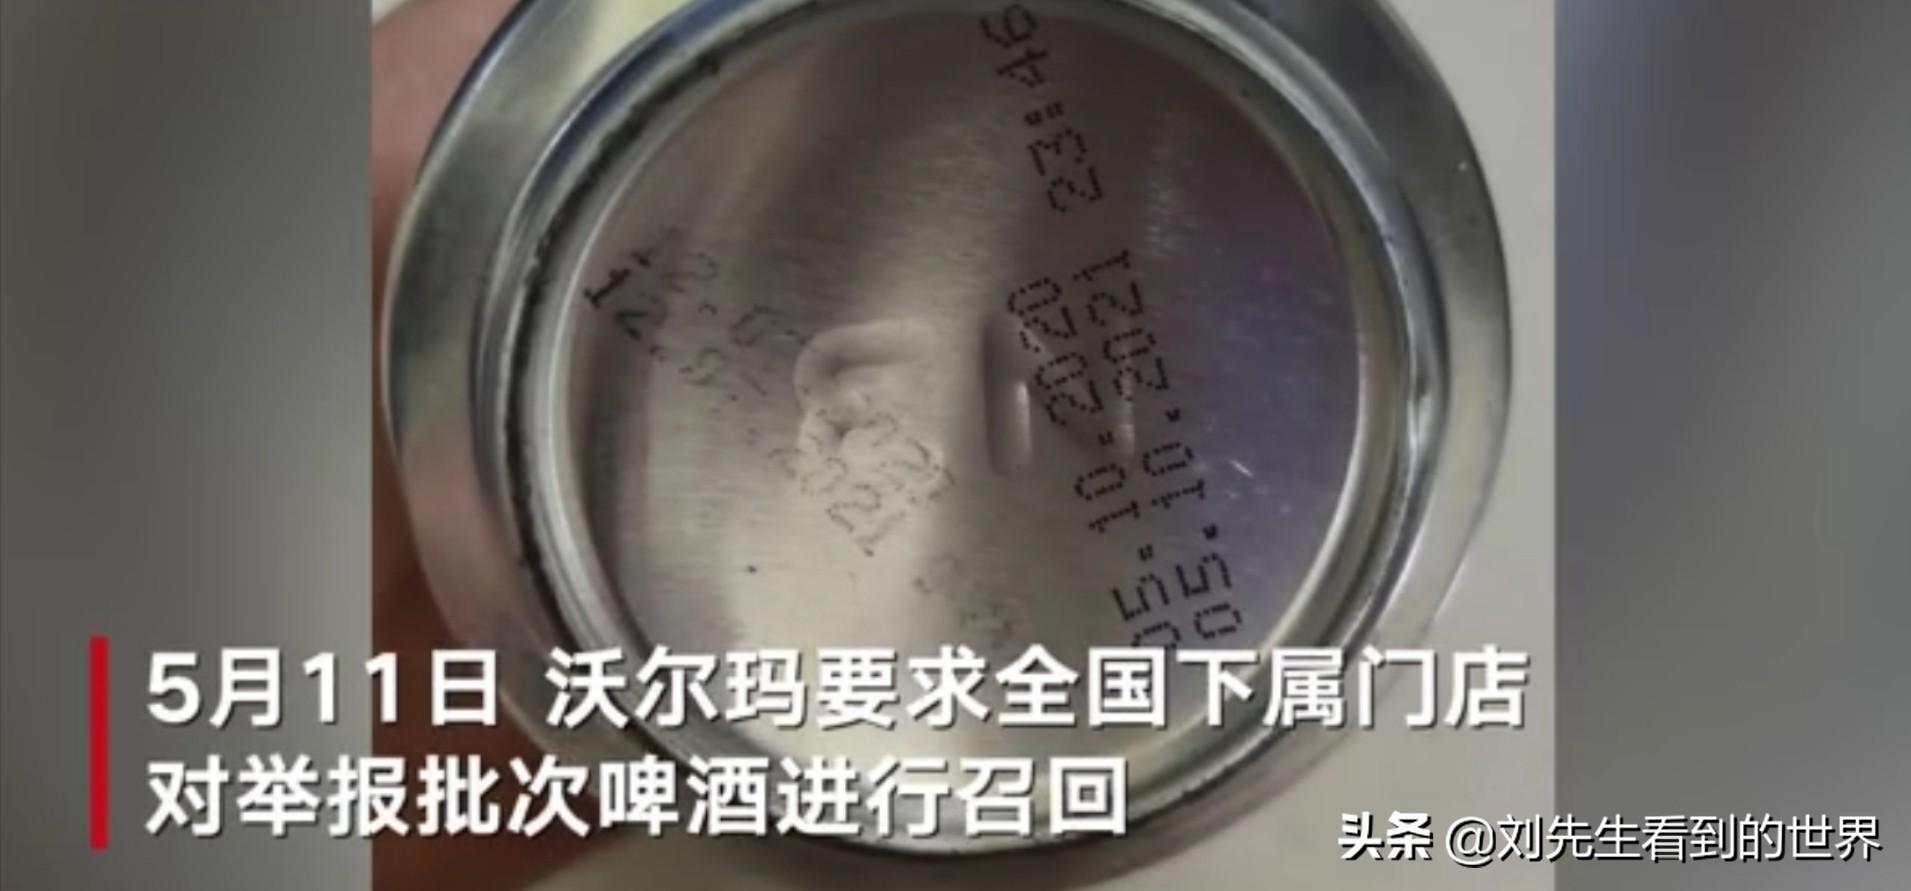 大企业也作假,沃尔玛篡改延长进口啤酒保质期,继续卖给消费者